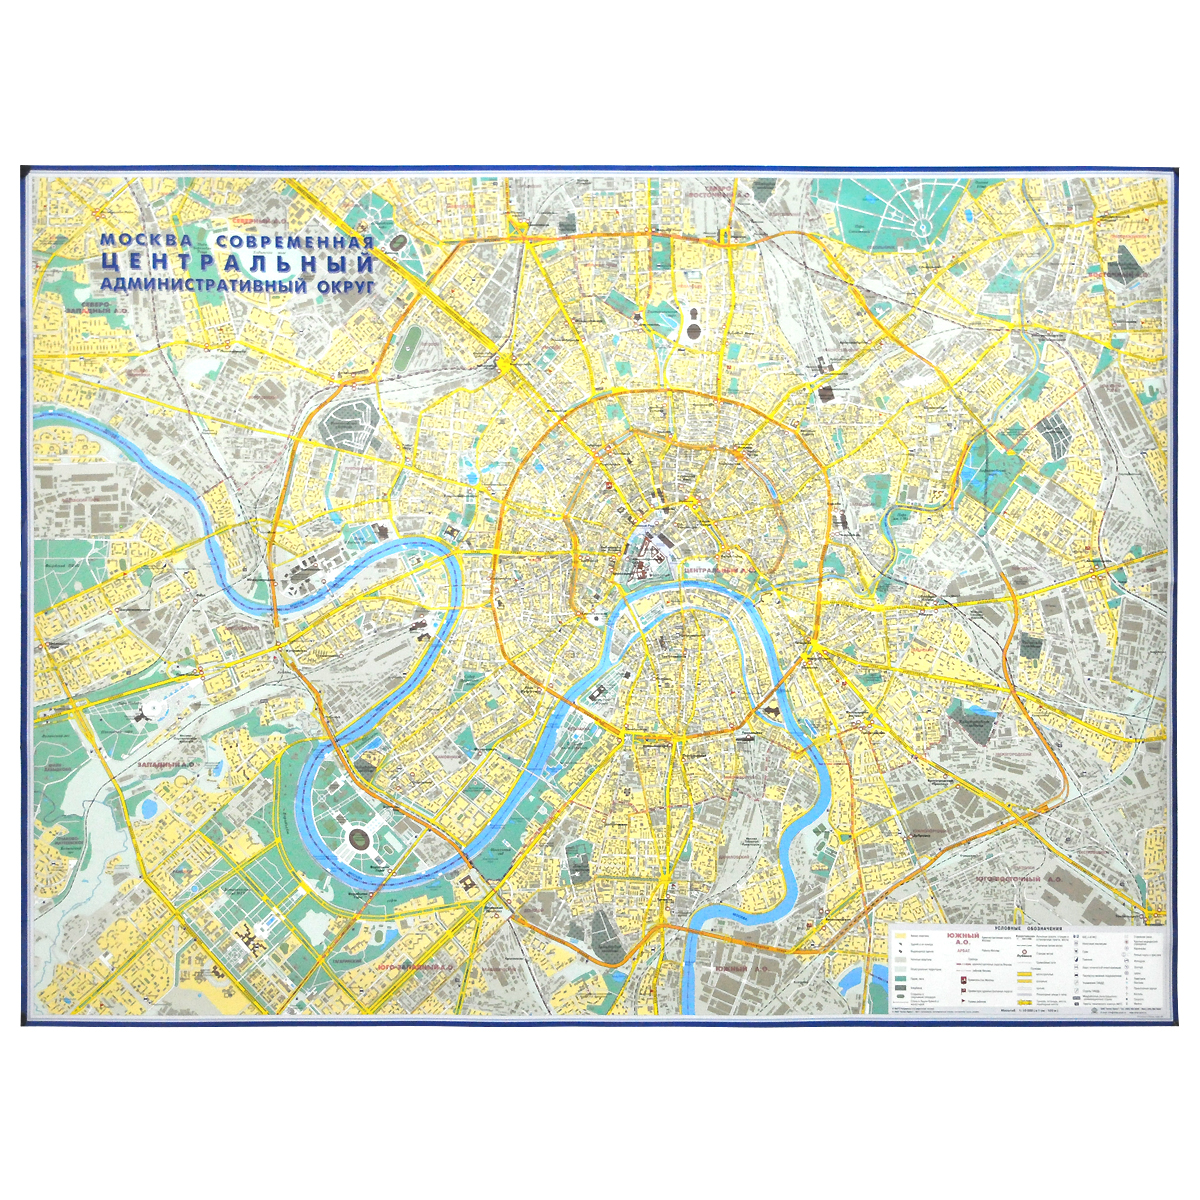 Карта Центрального административного округа Москвы карта центрального административного округа москвы